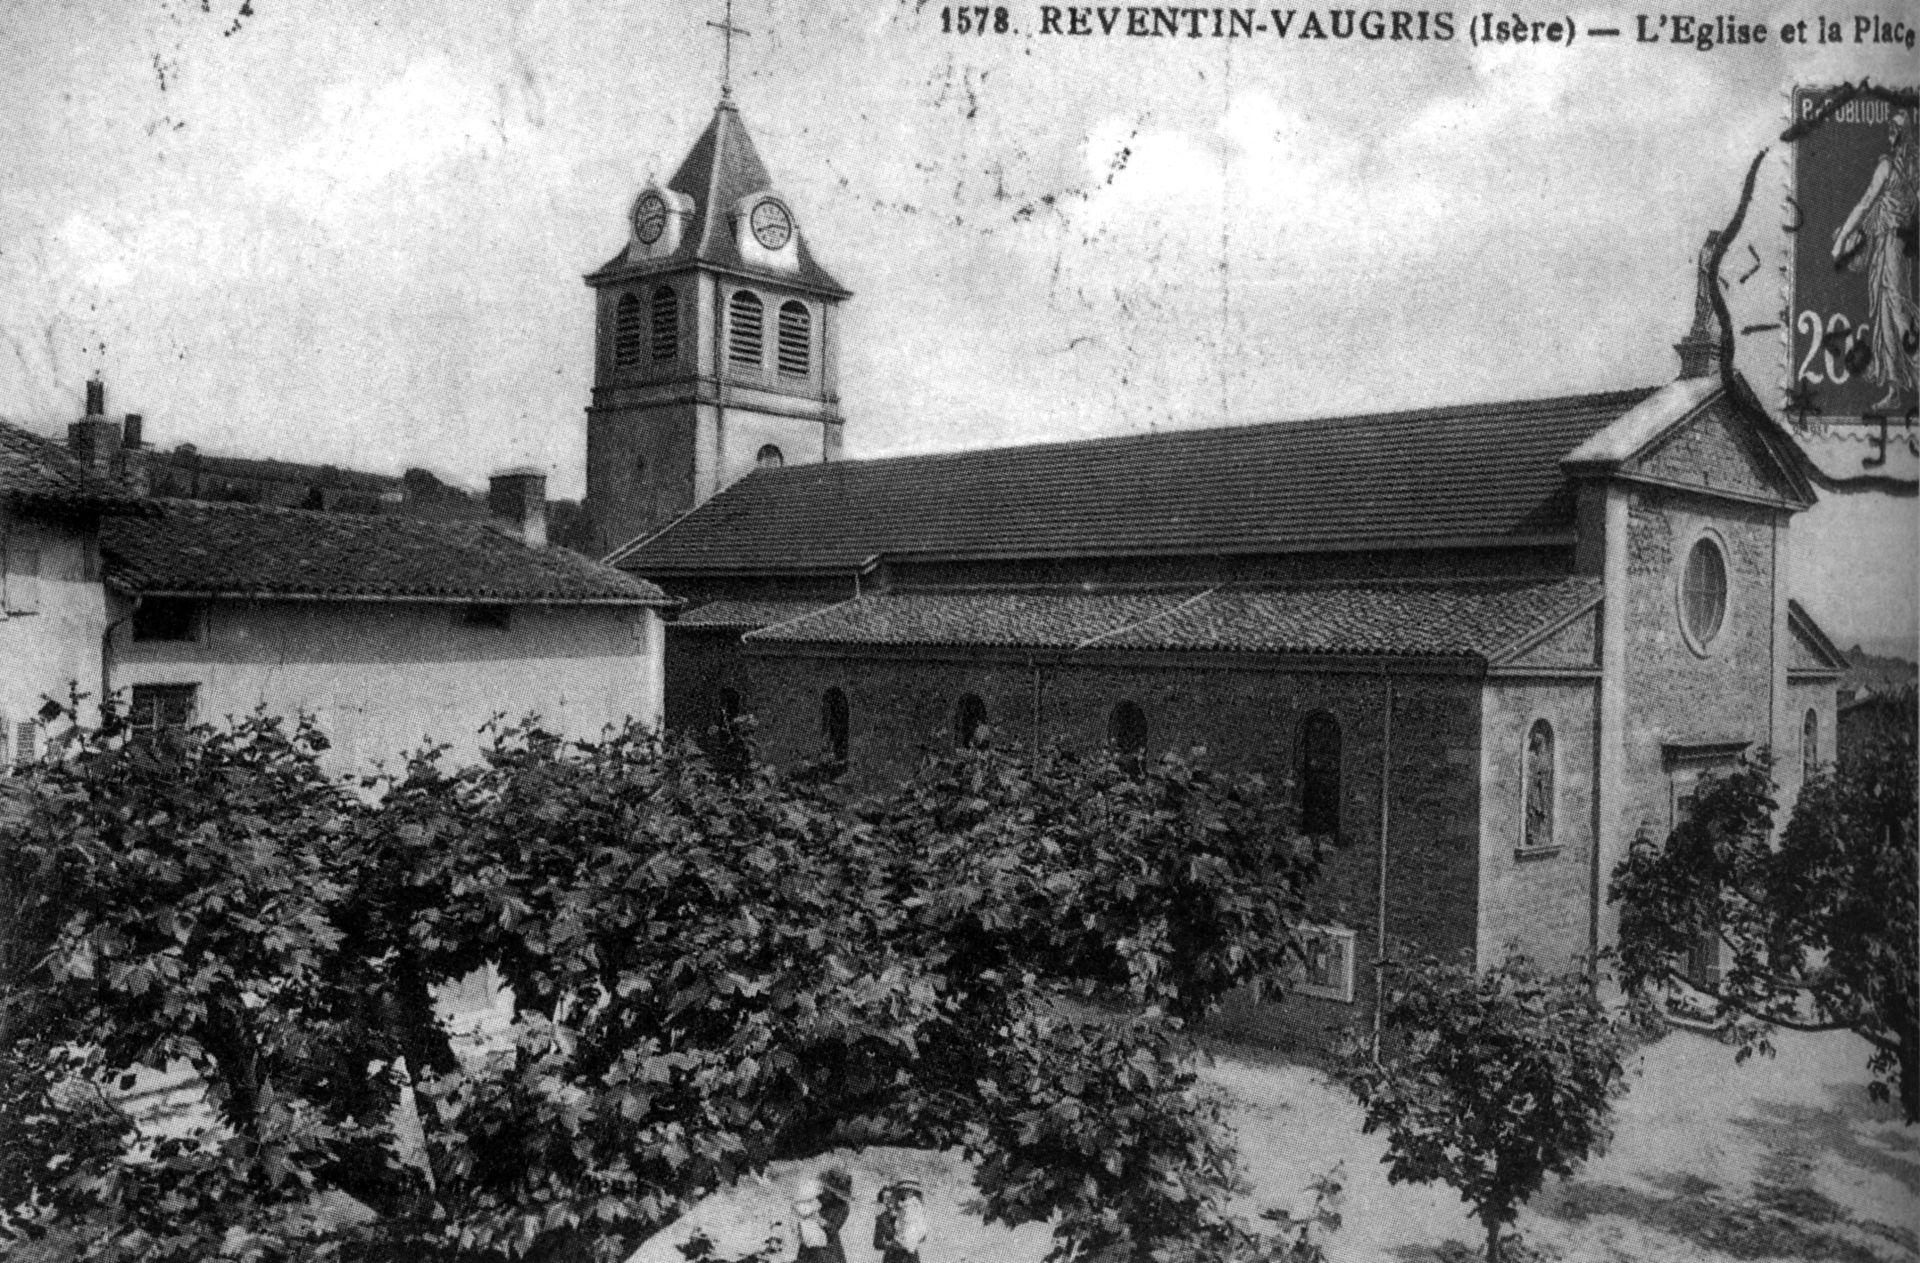 Reventin-Vaugris_l_église_et_la_place,_1925,_p174_de_L_Isère_les_533_communes.jpg